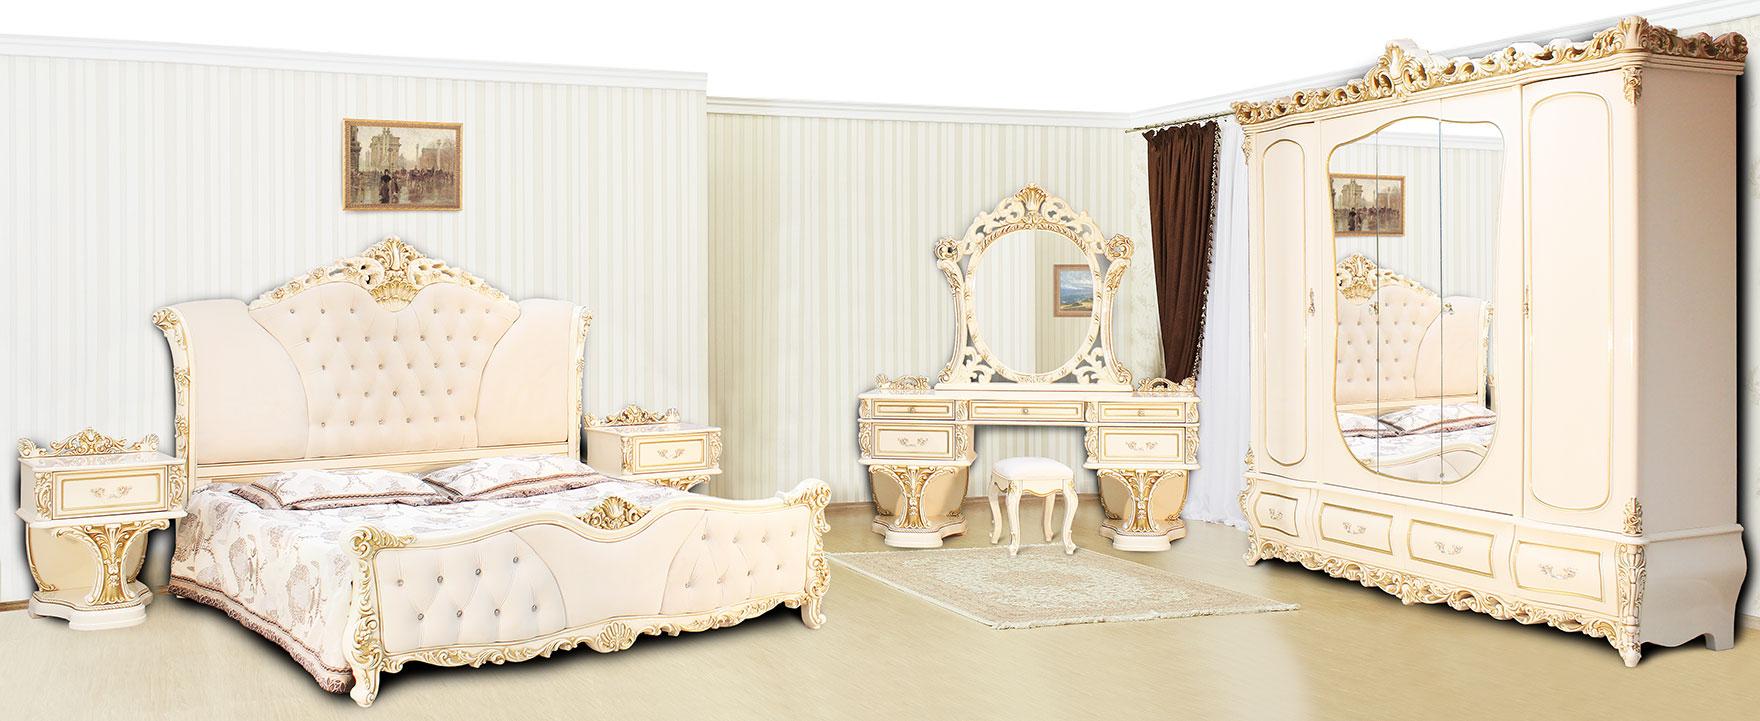 Спальня Каролина - фото